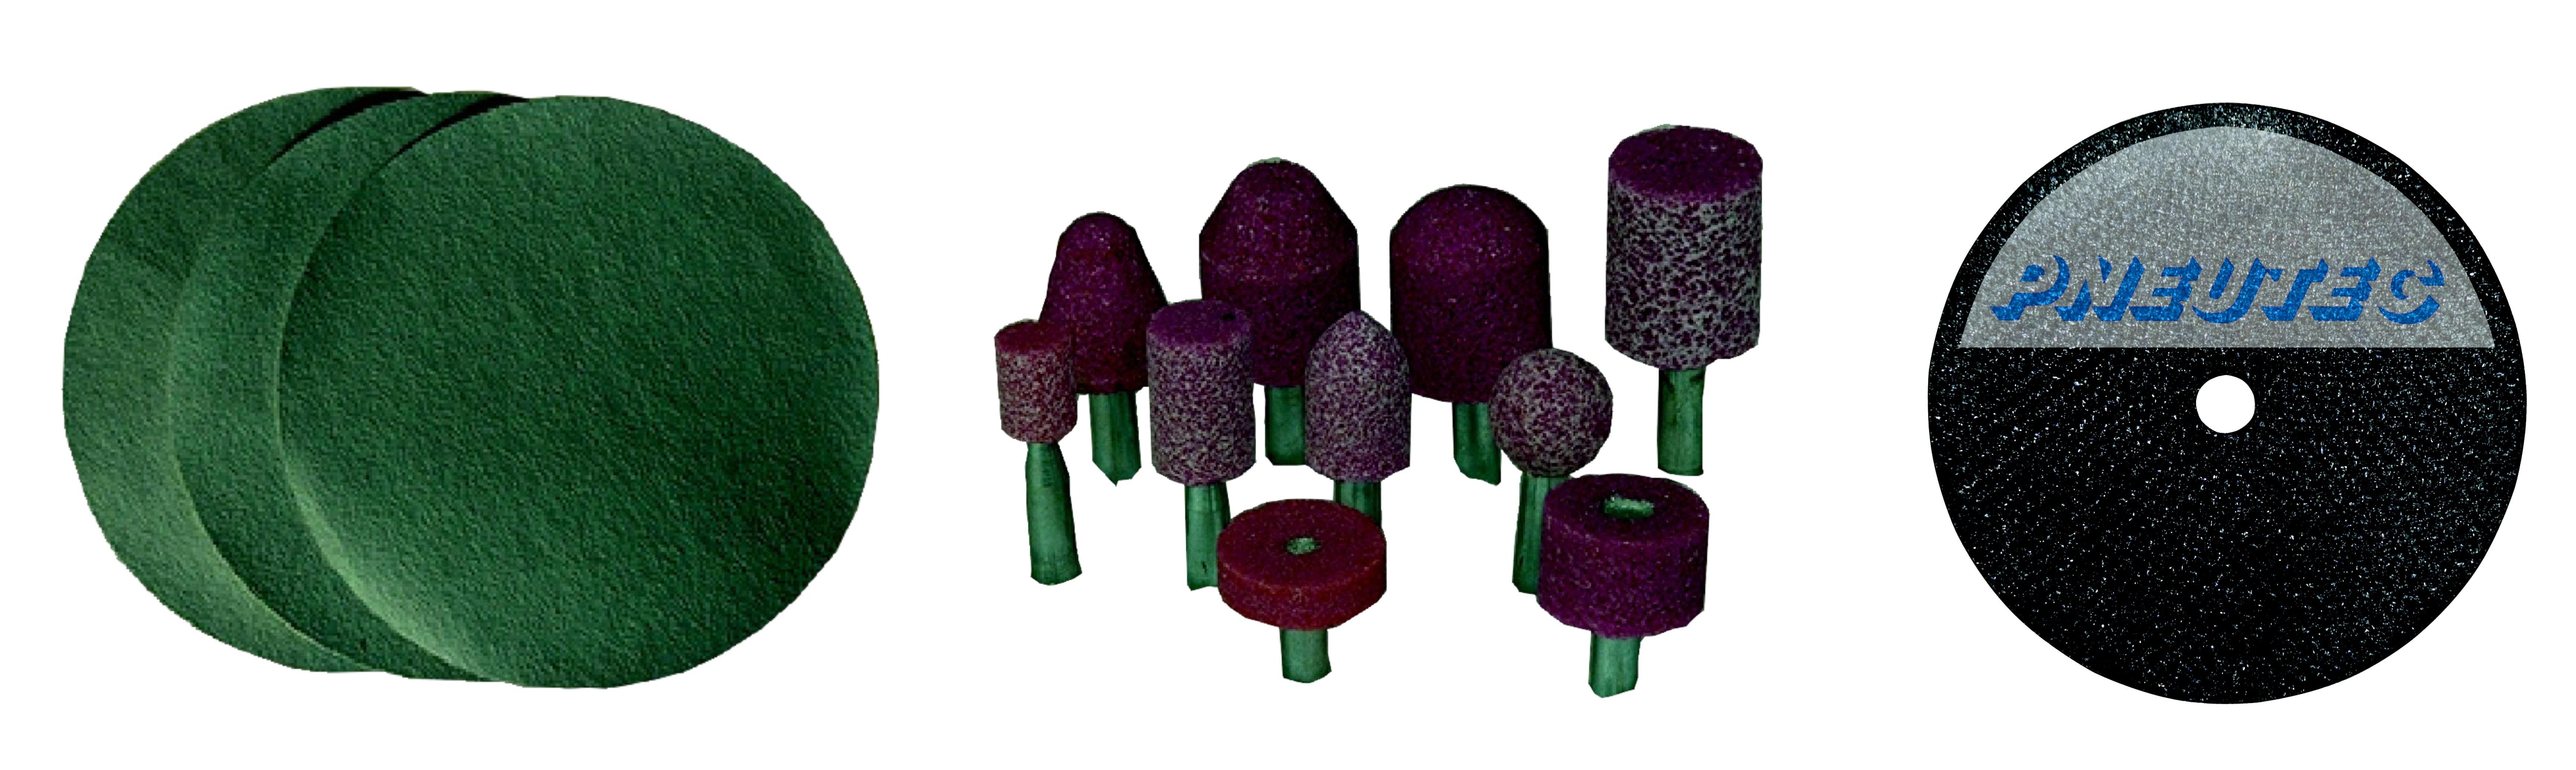 Csiszoló és polírozó gépek tartozékai